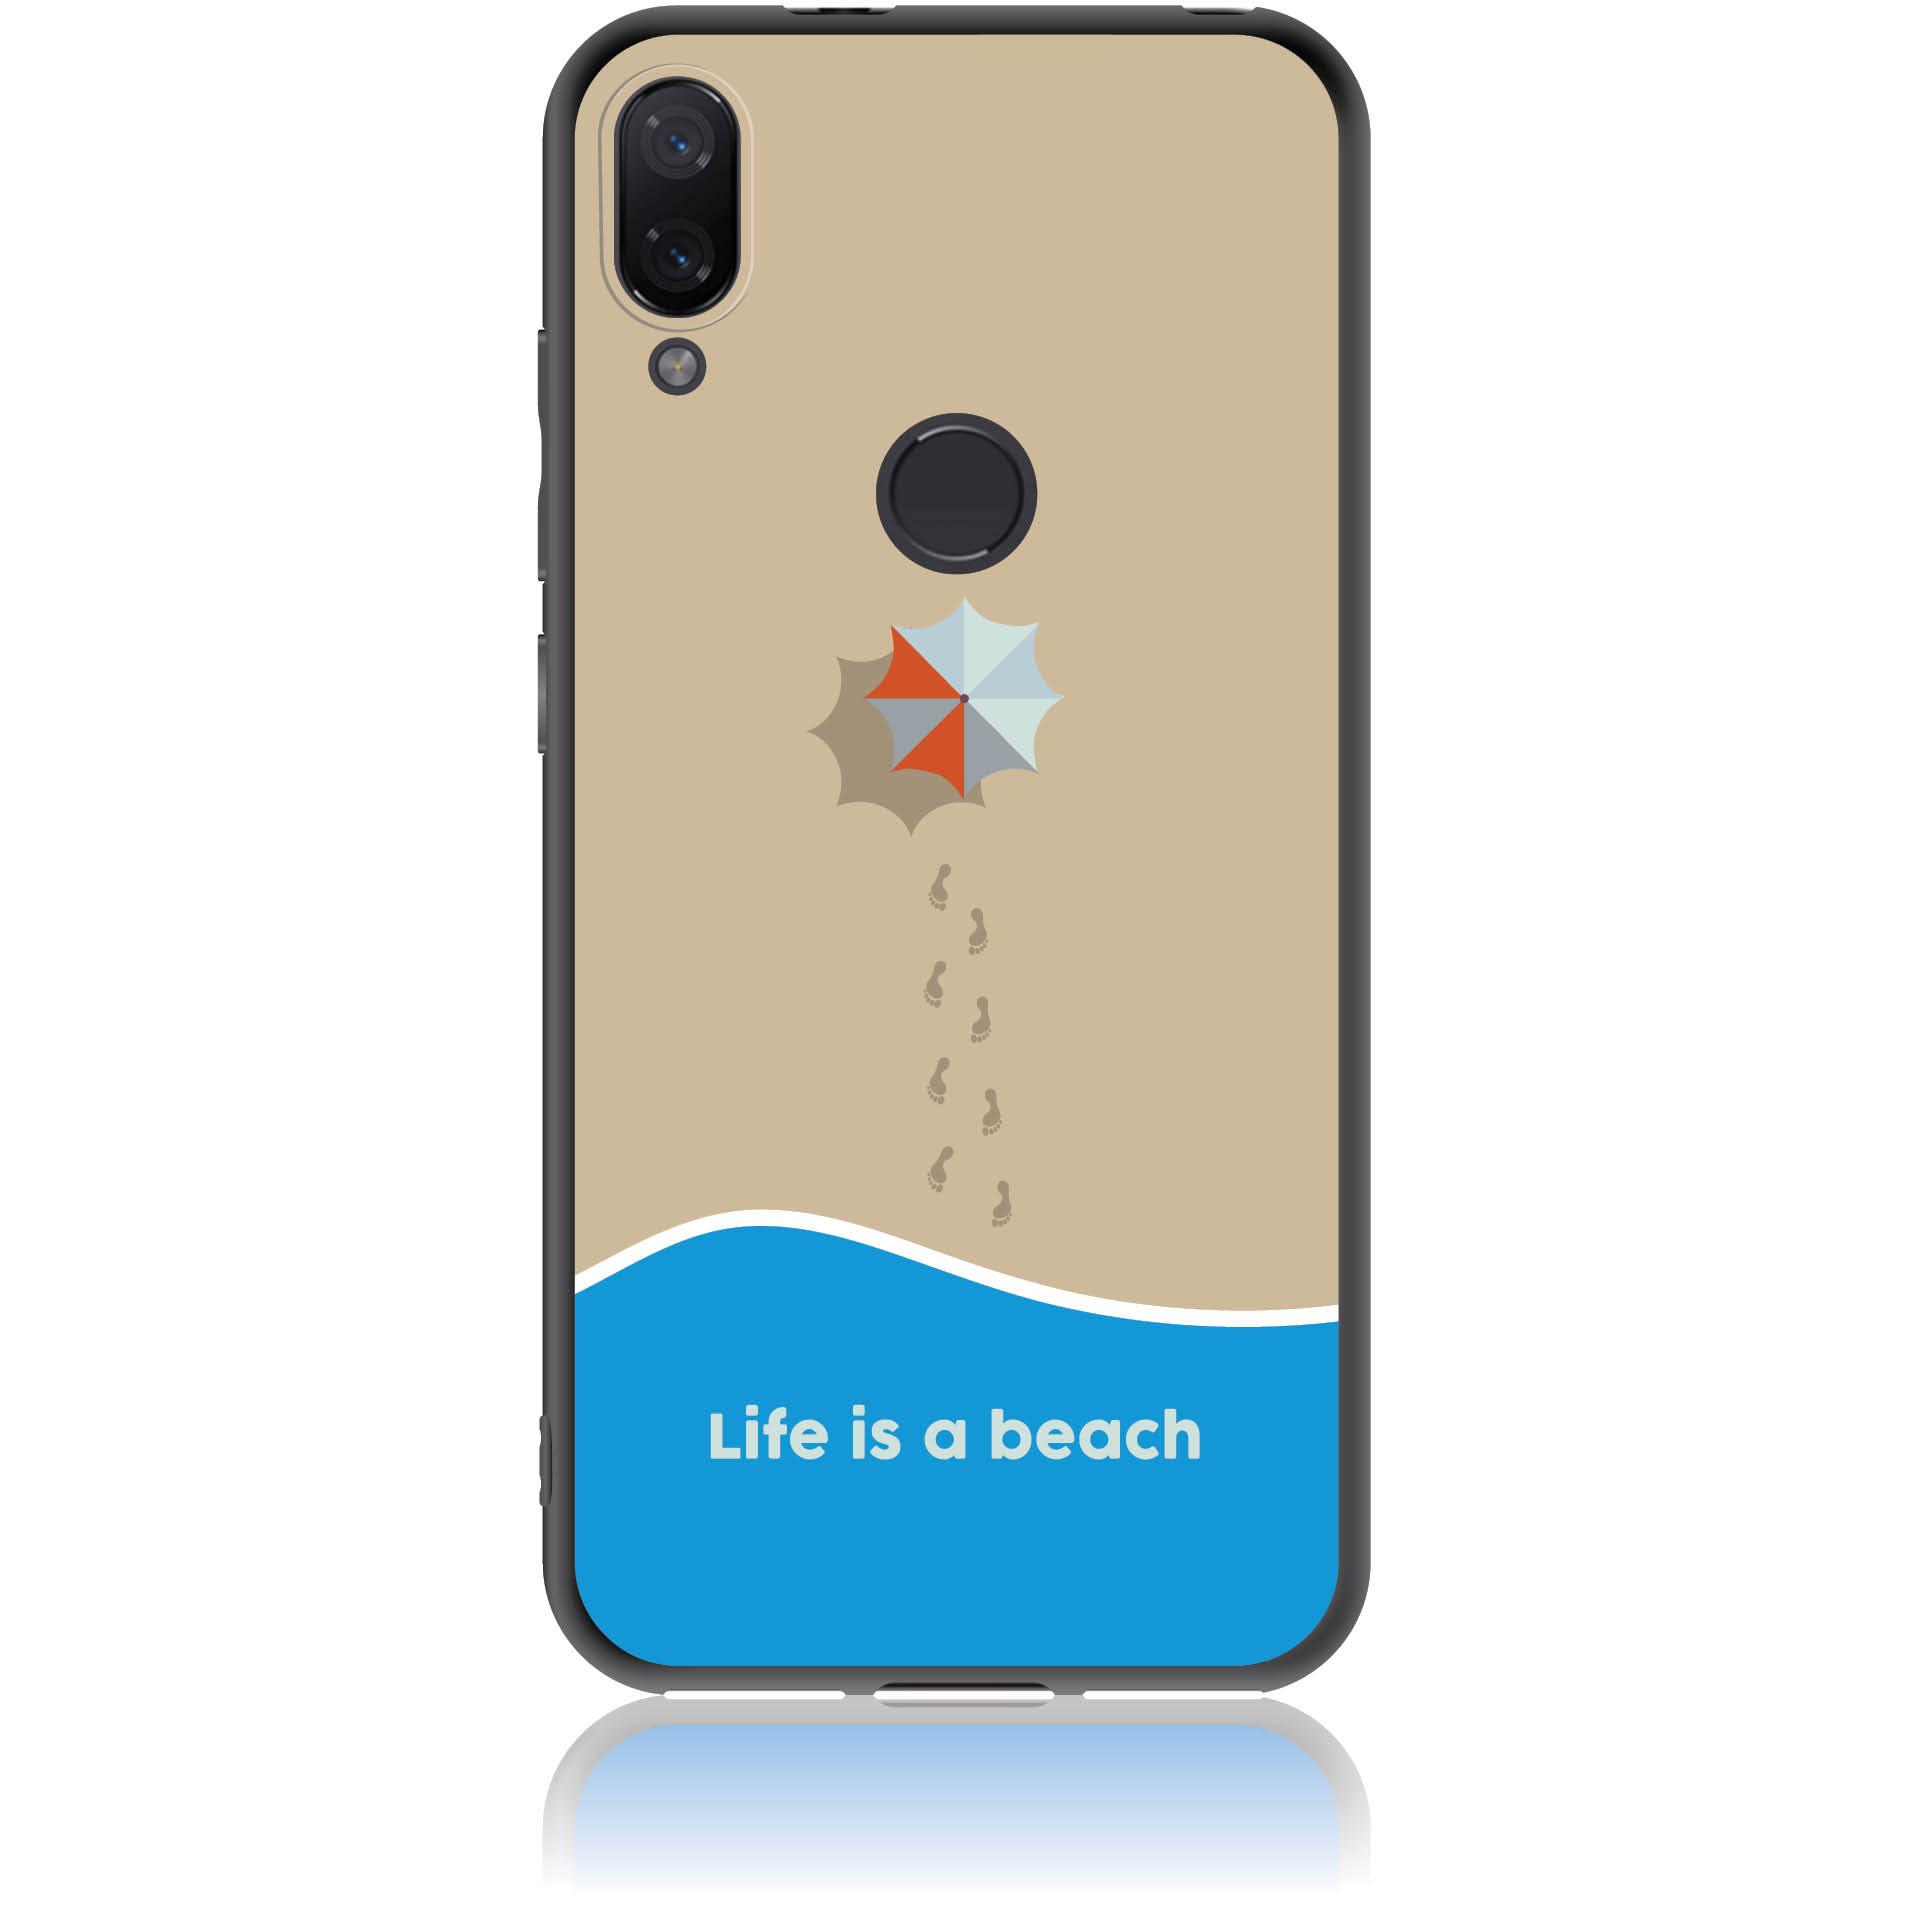 Life Is A Beach Phone Case Design 50430  -  Xiaomi Mi Play  -  Soft Tpu Case